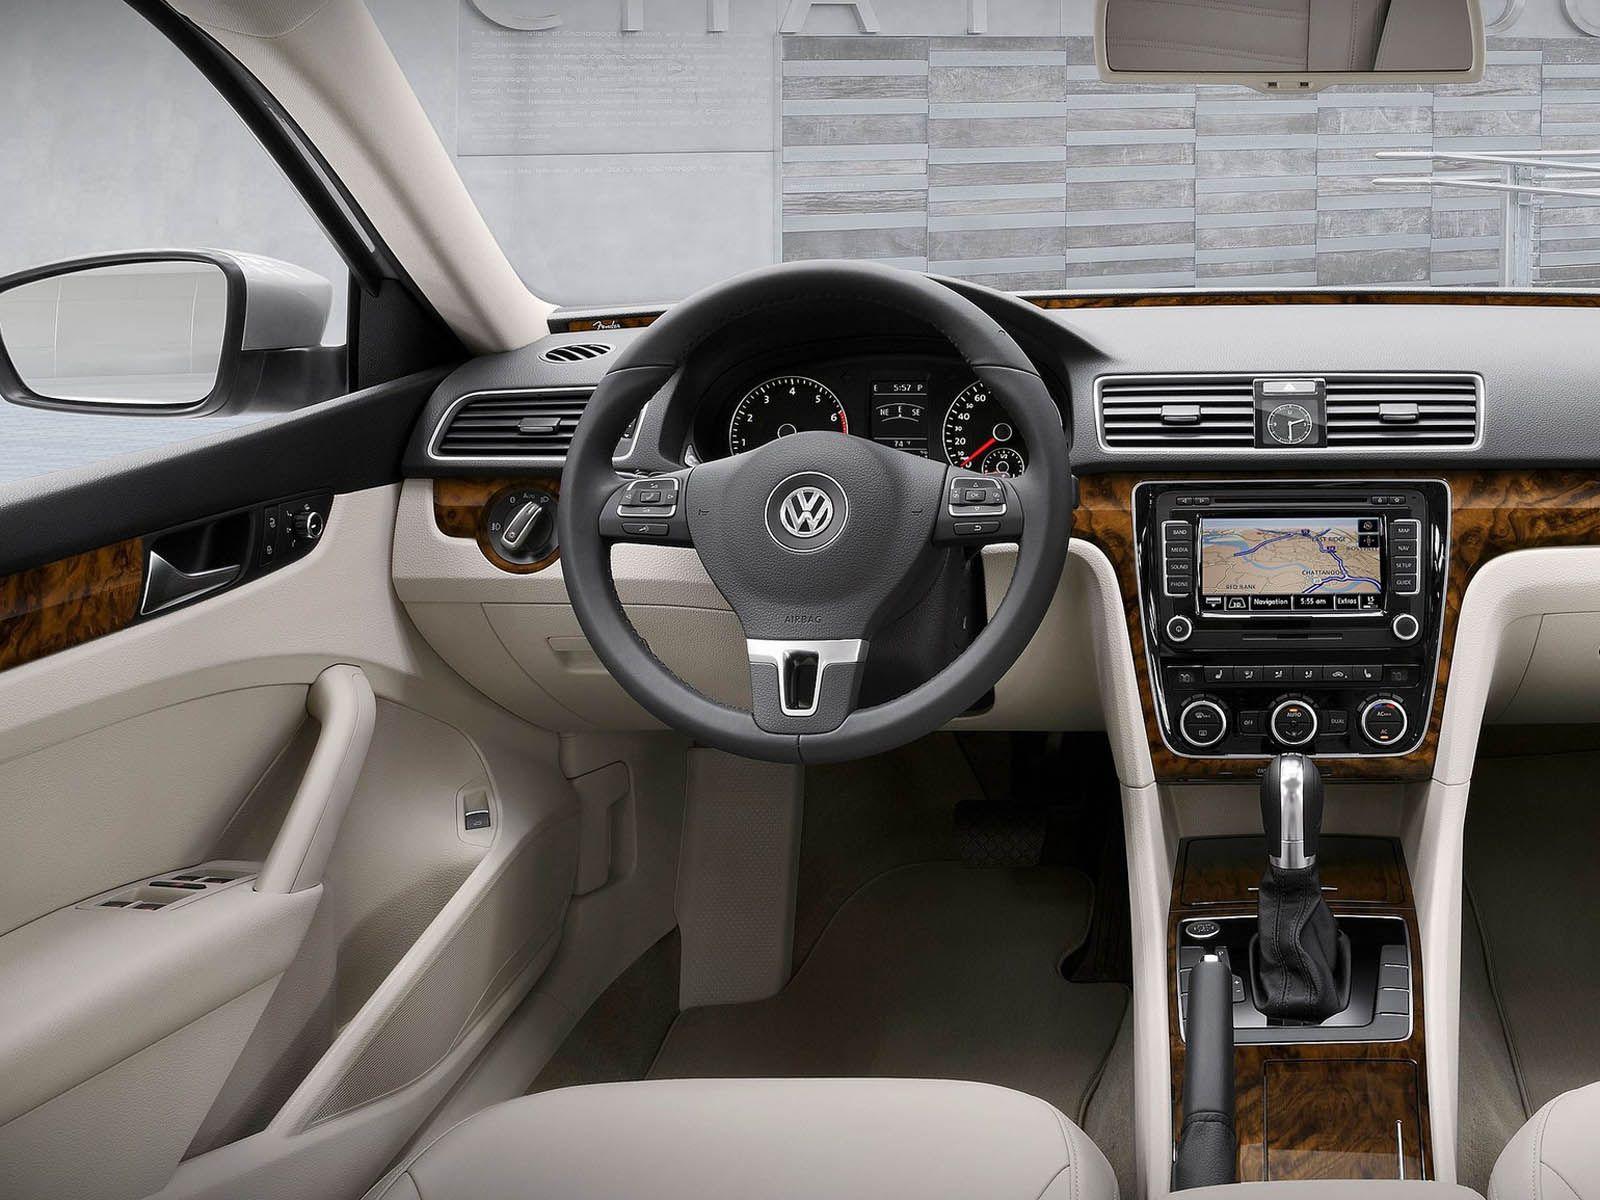 Volkswagen Passat Us Version 2012 Interior Volkswagen Passat Volkswagen 2015 Cars